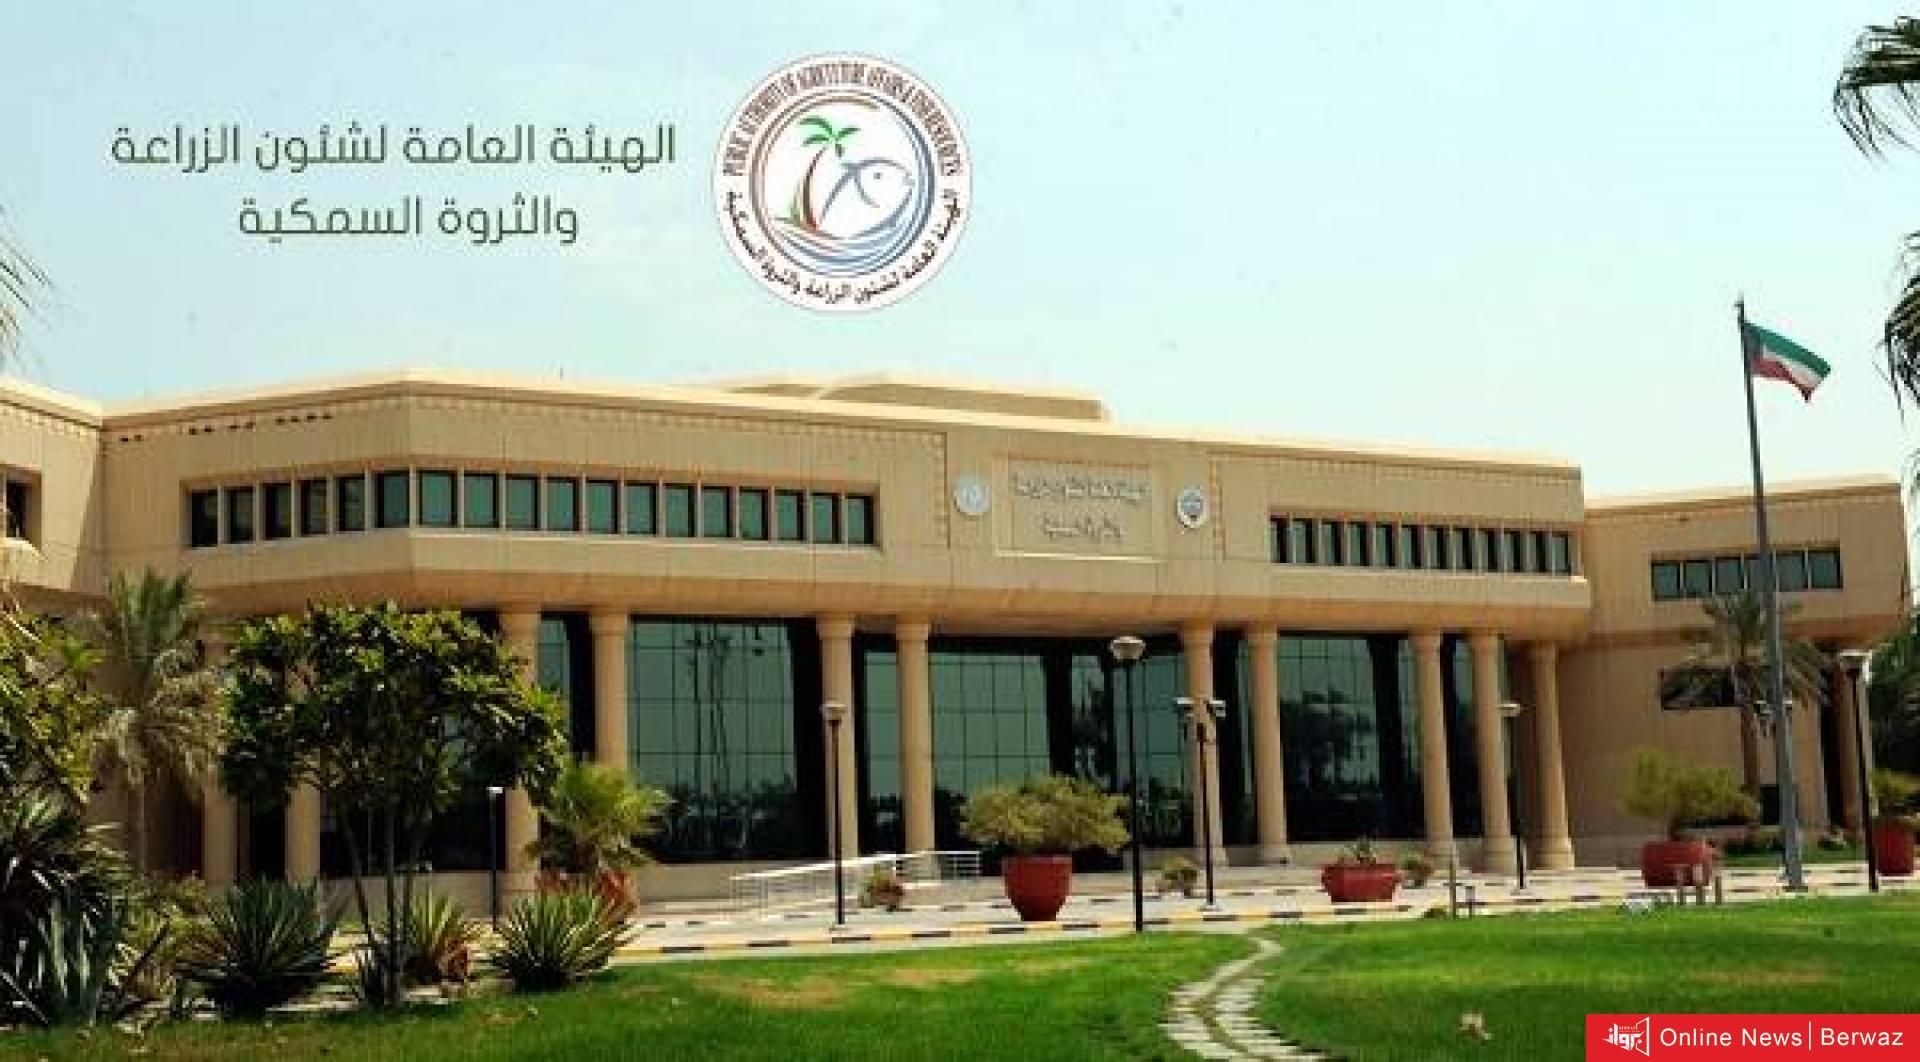 الهيئة العامة لشؤون الزراعة